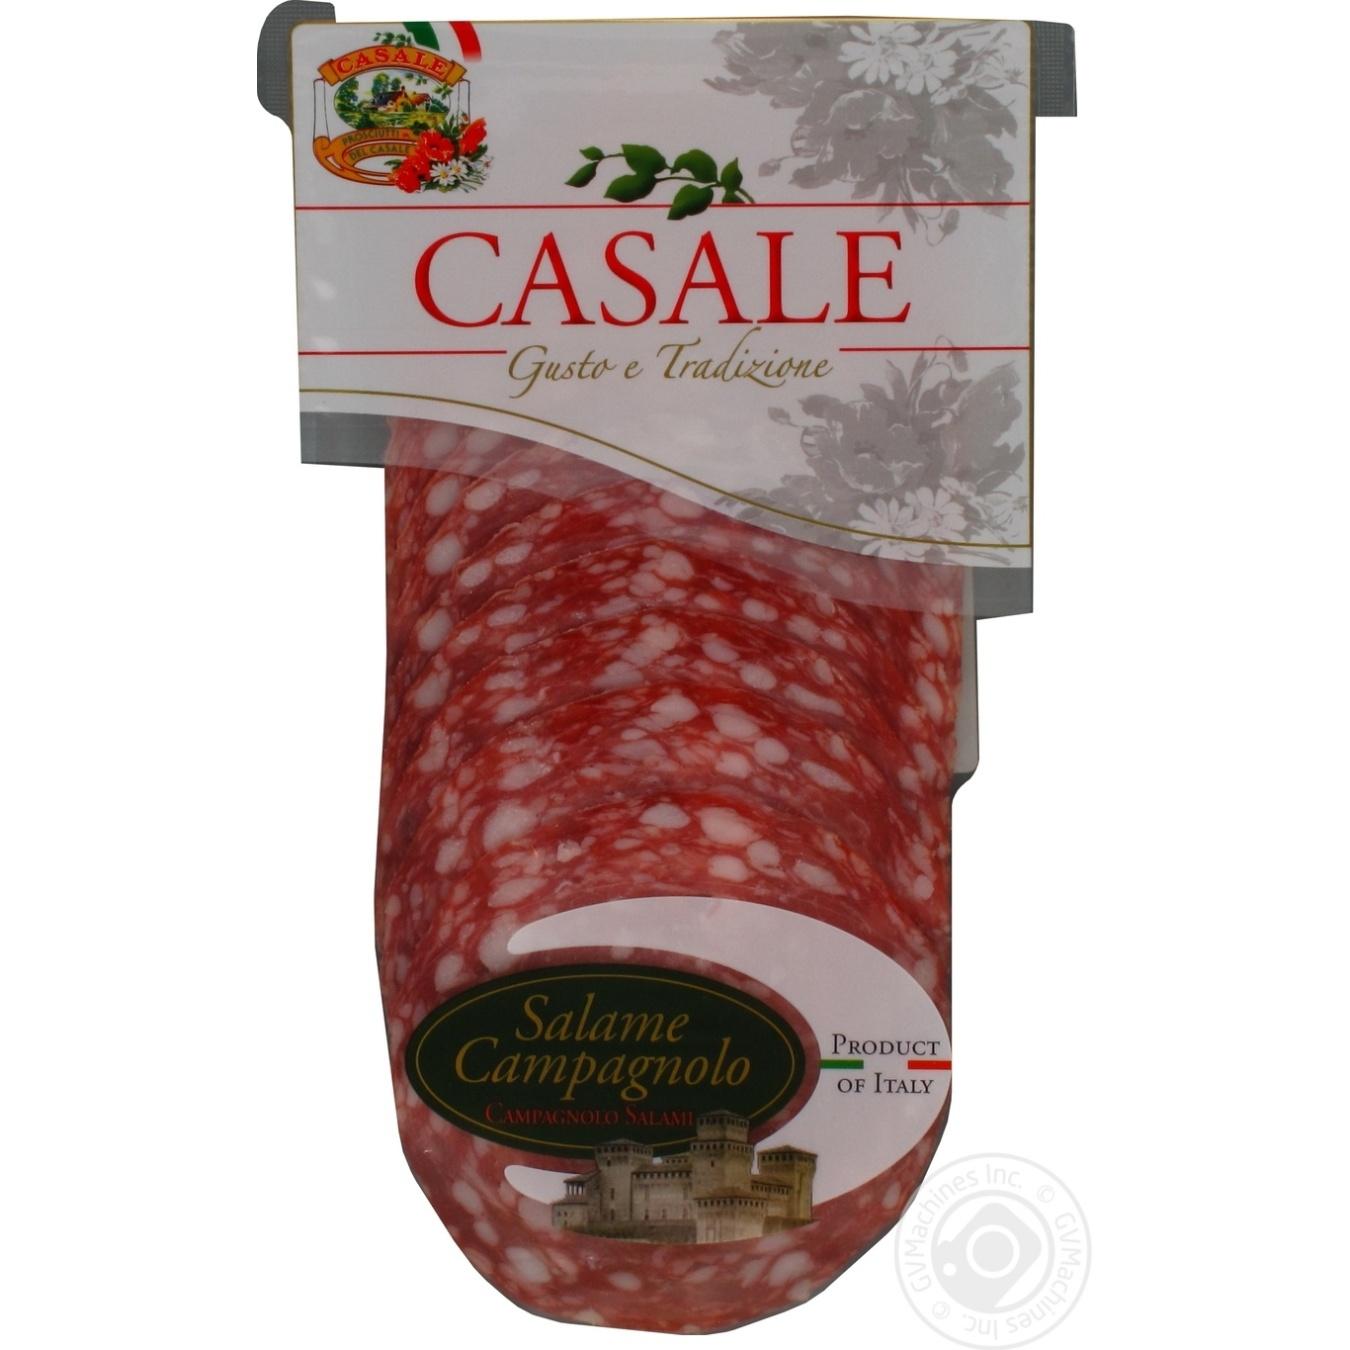 Купить Ковбаса Casale Салямі Кампаньоло сиров'ялена нарізка 80г